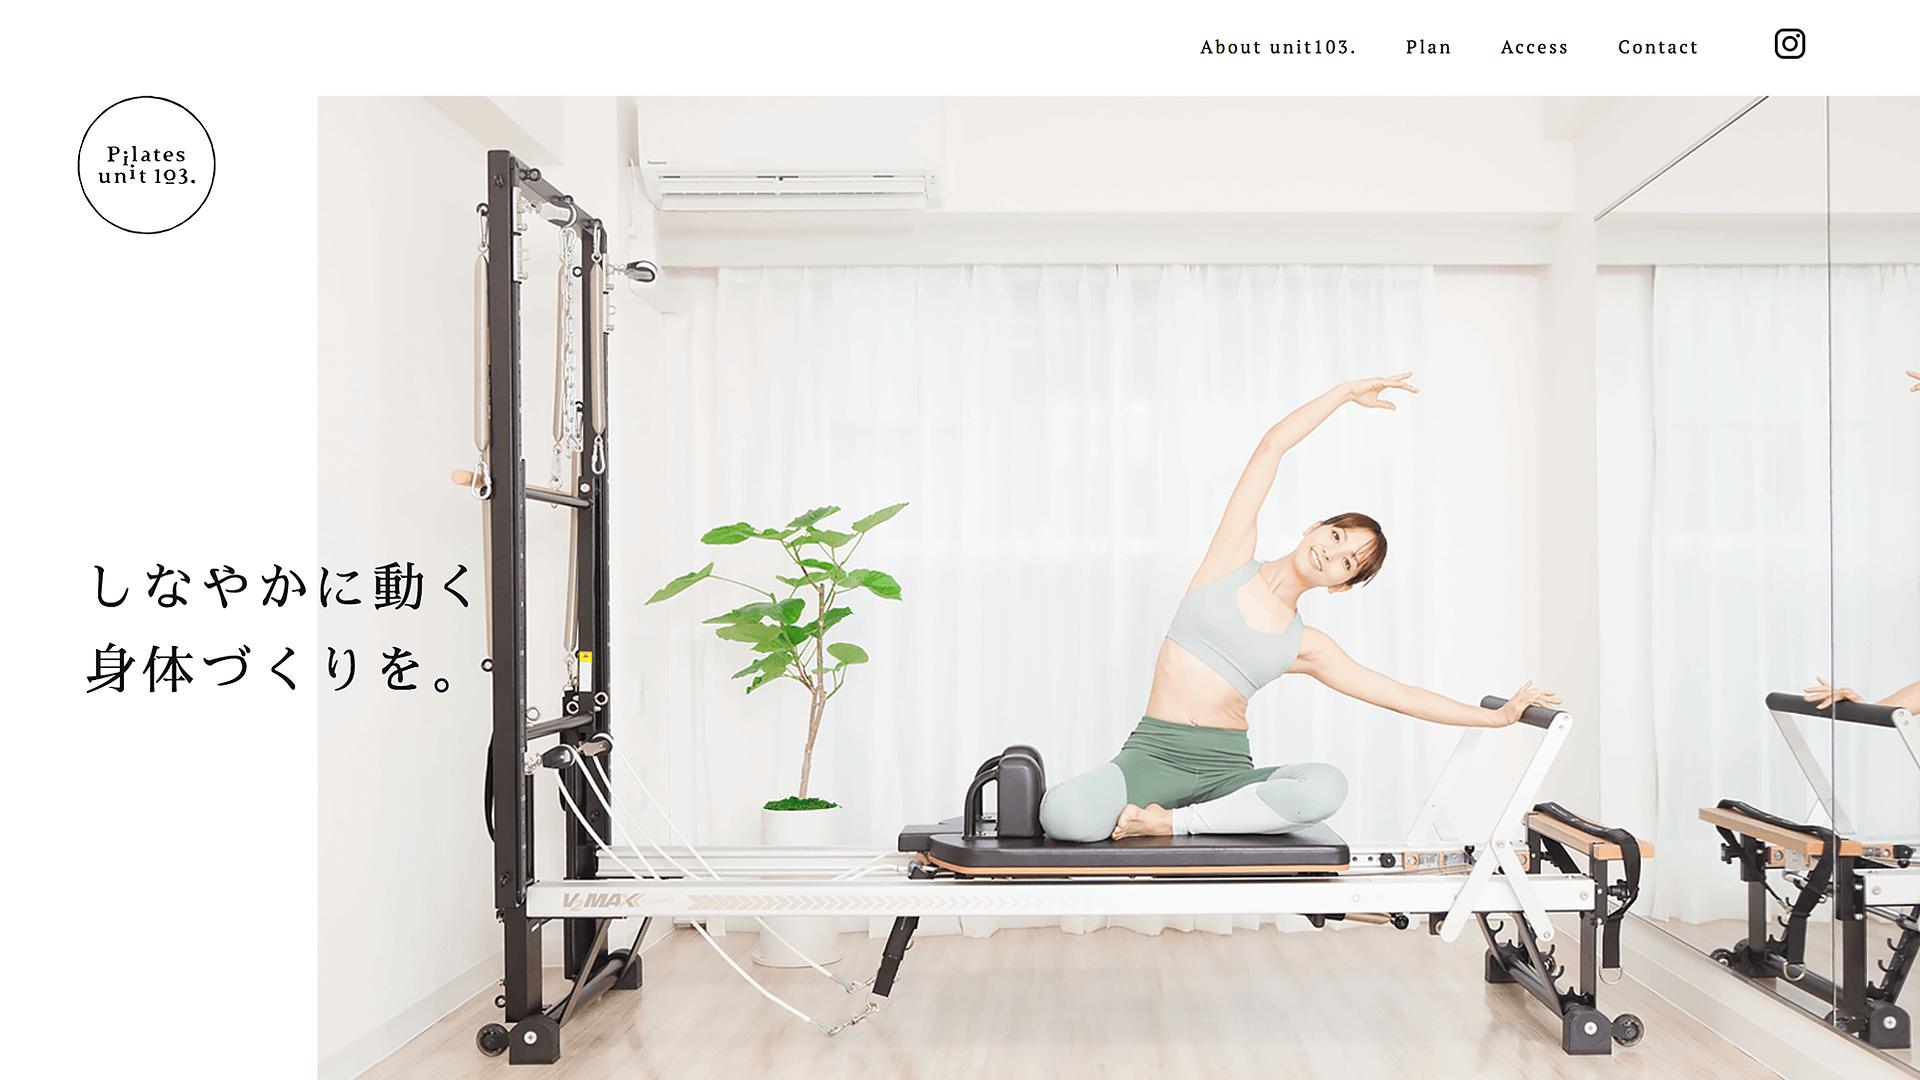 Pilates unit103.